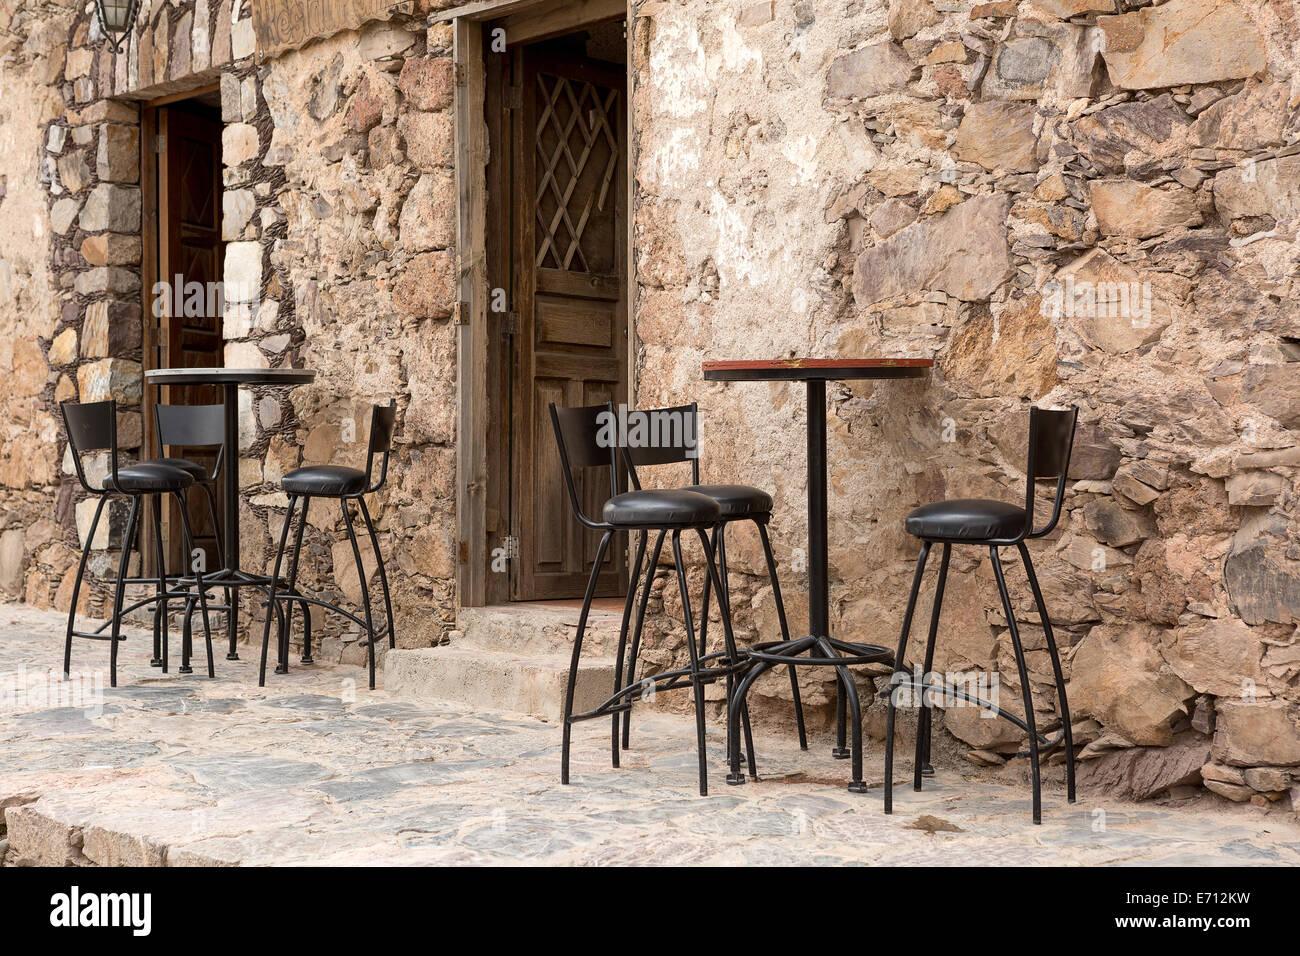 Alta sgabelli da bar e tavoli nella parte anteriore di un